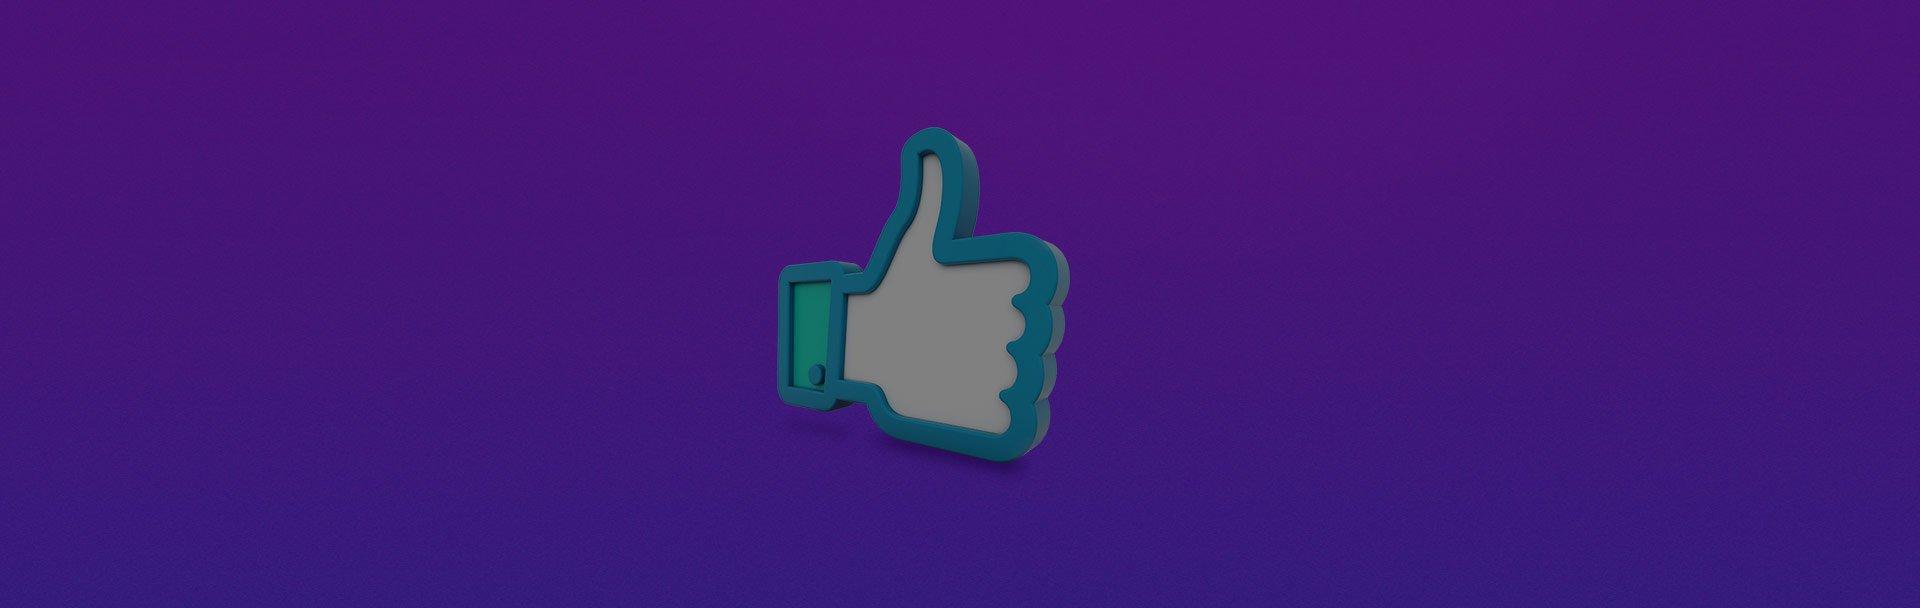 solucionweb-banner-blog-estrategia-digital-inbound-redes-sociales-blog-que-contenido-utilizo-en-mi-estrategia-digital.jpg